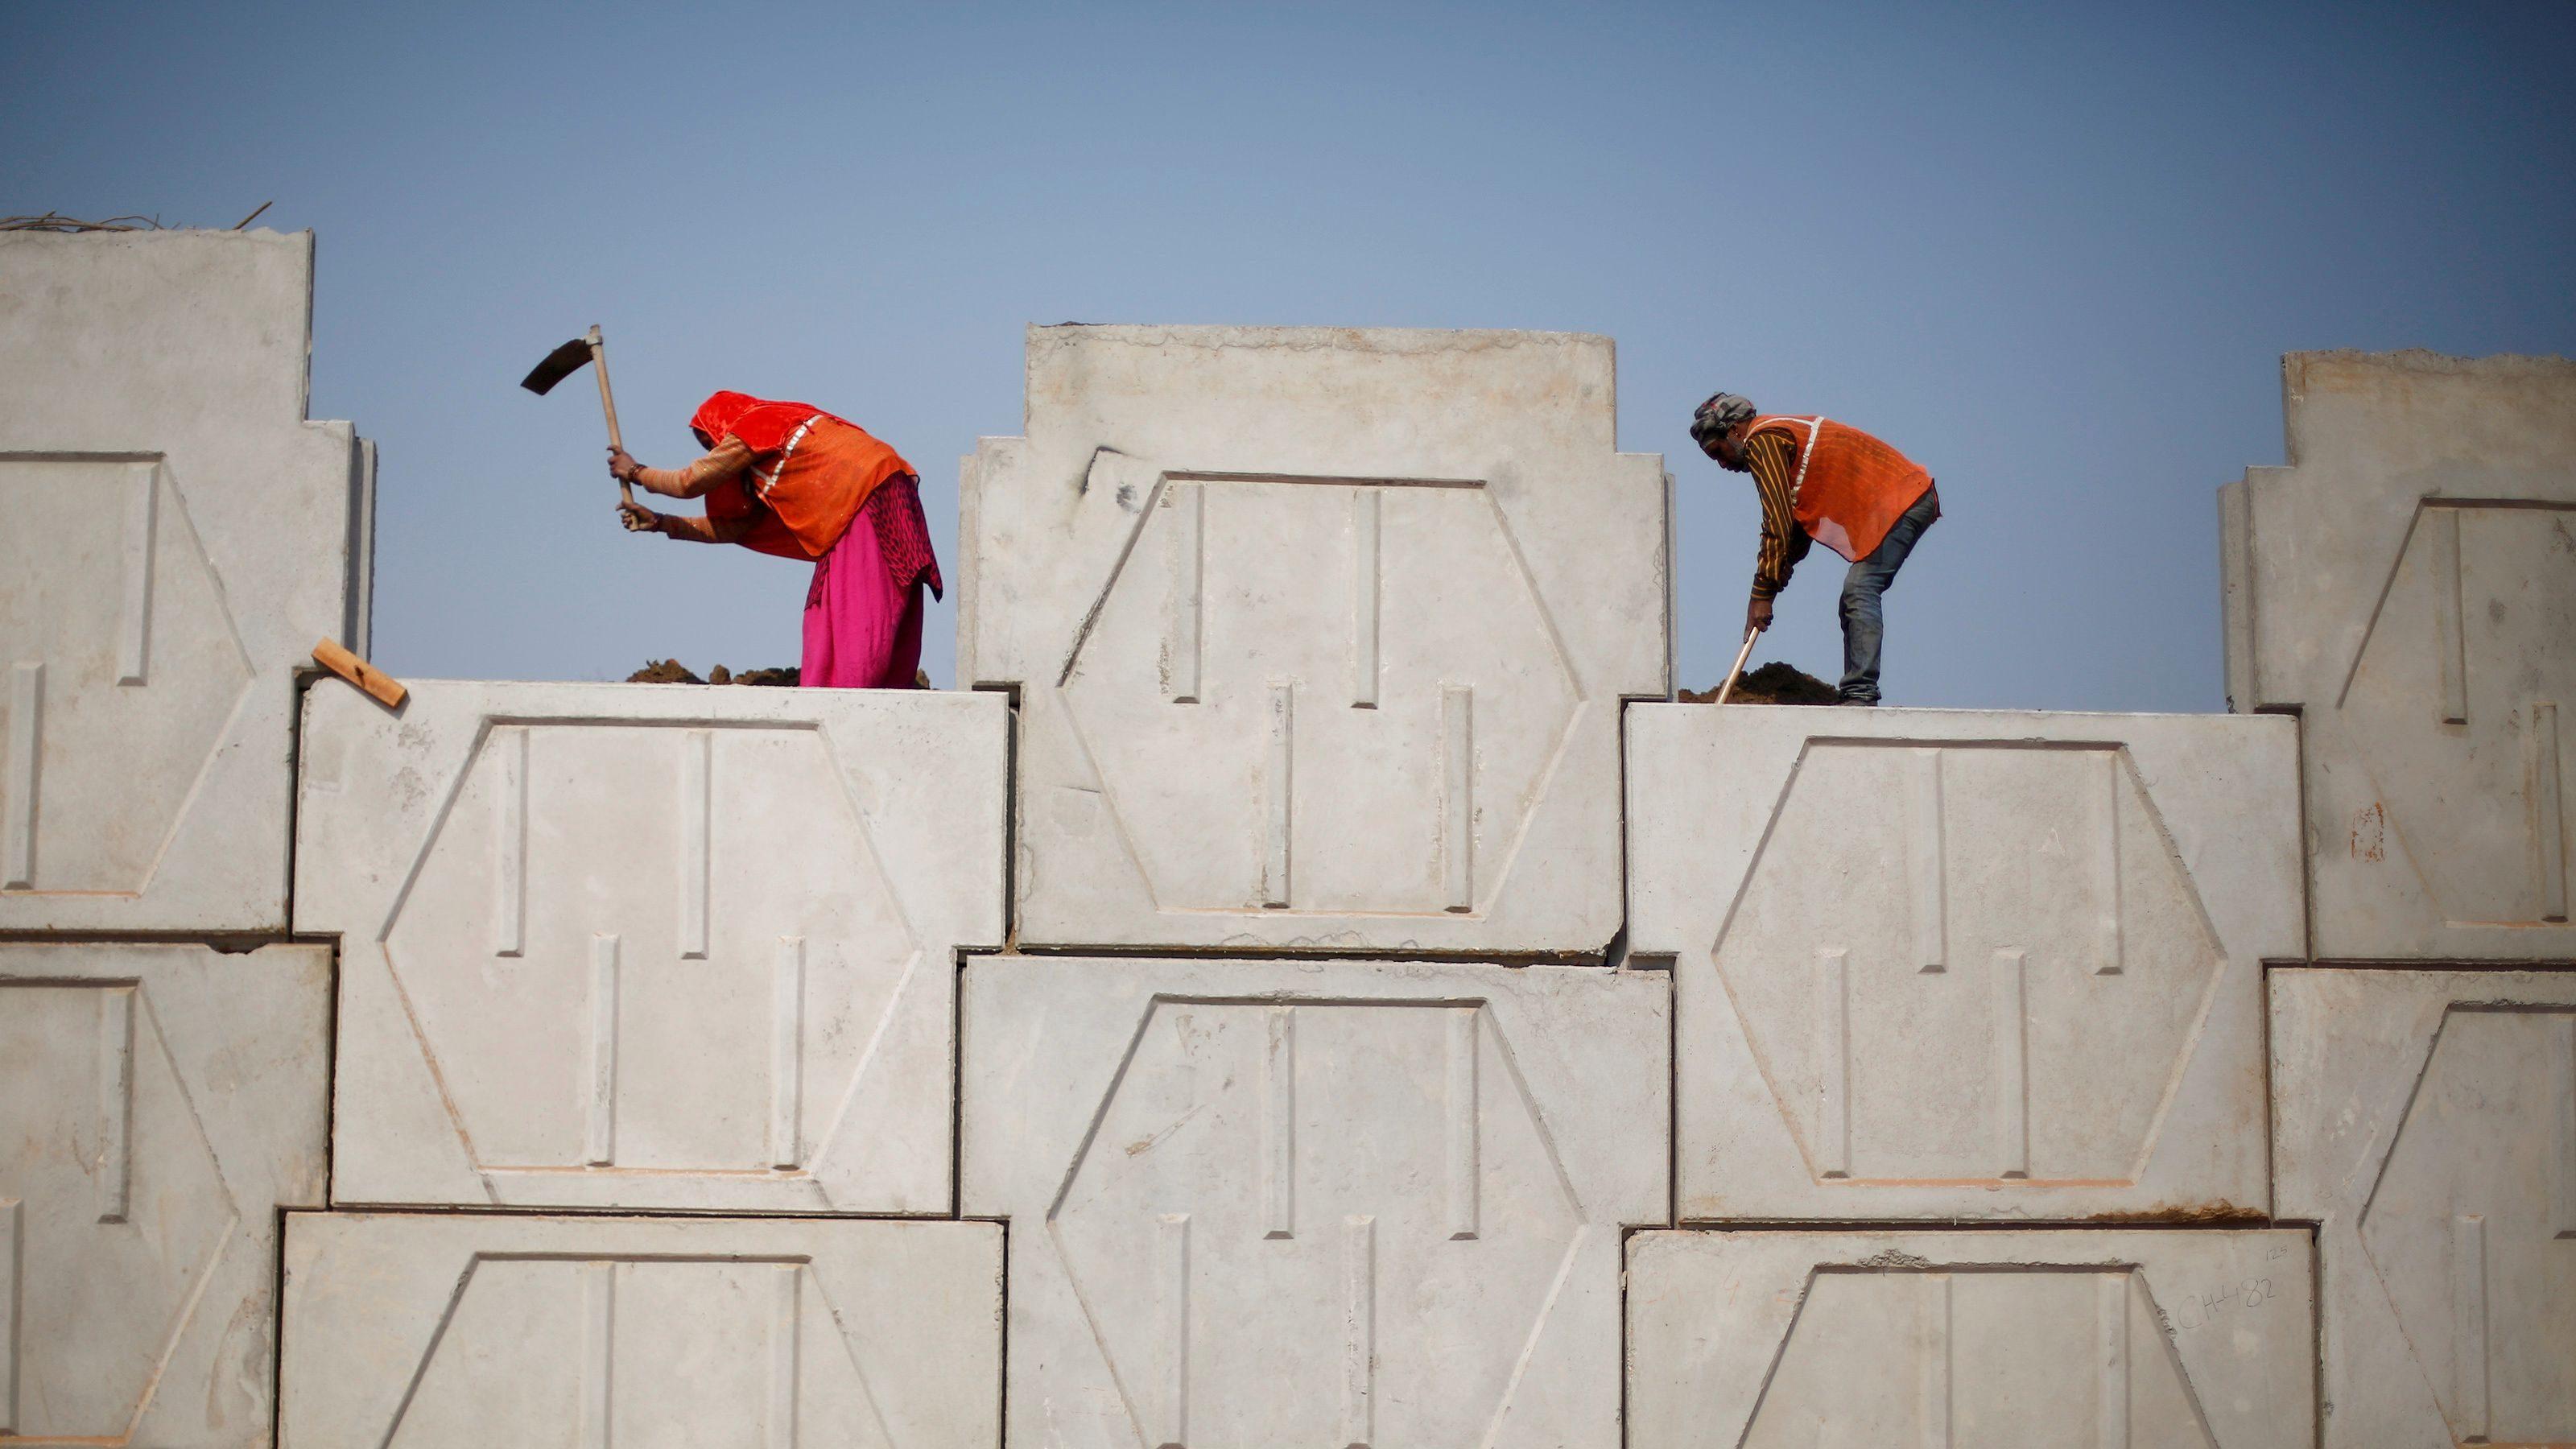 india-economy-jobs-gdp